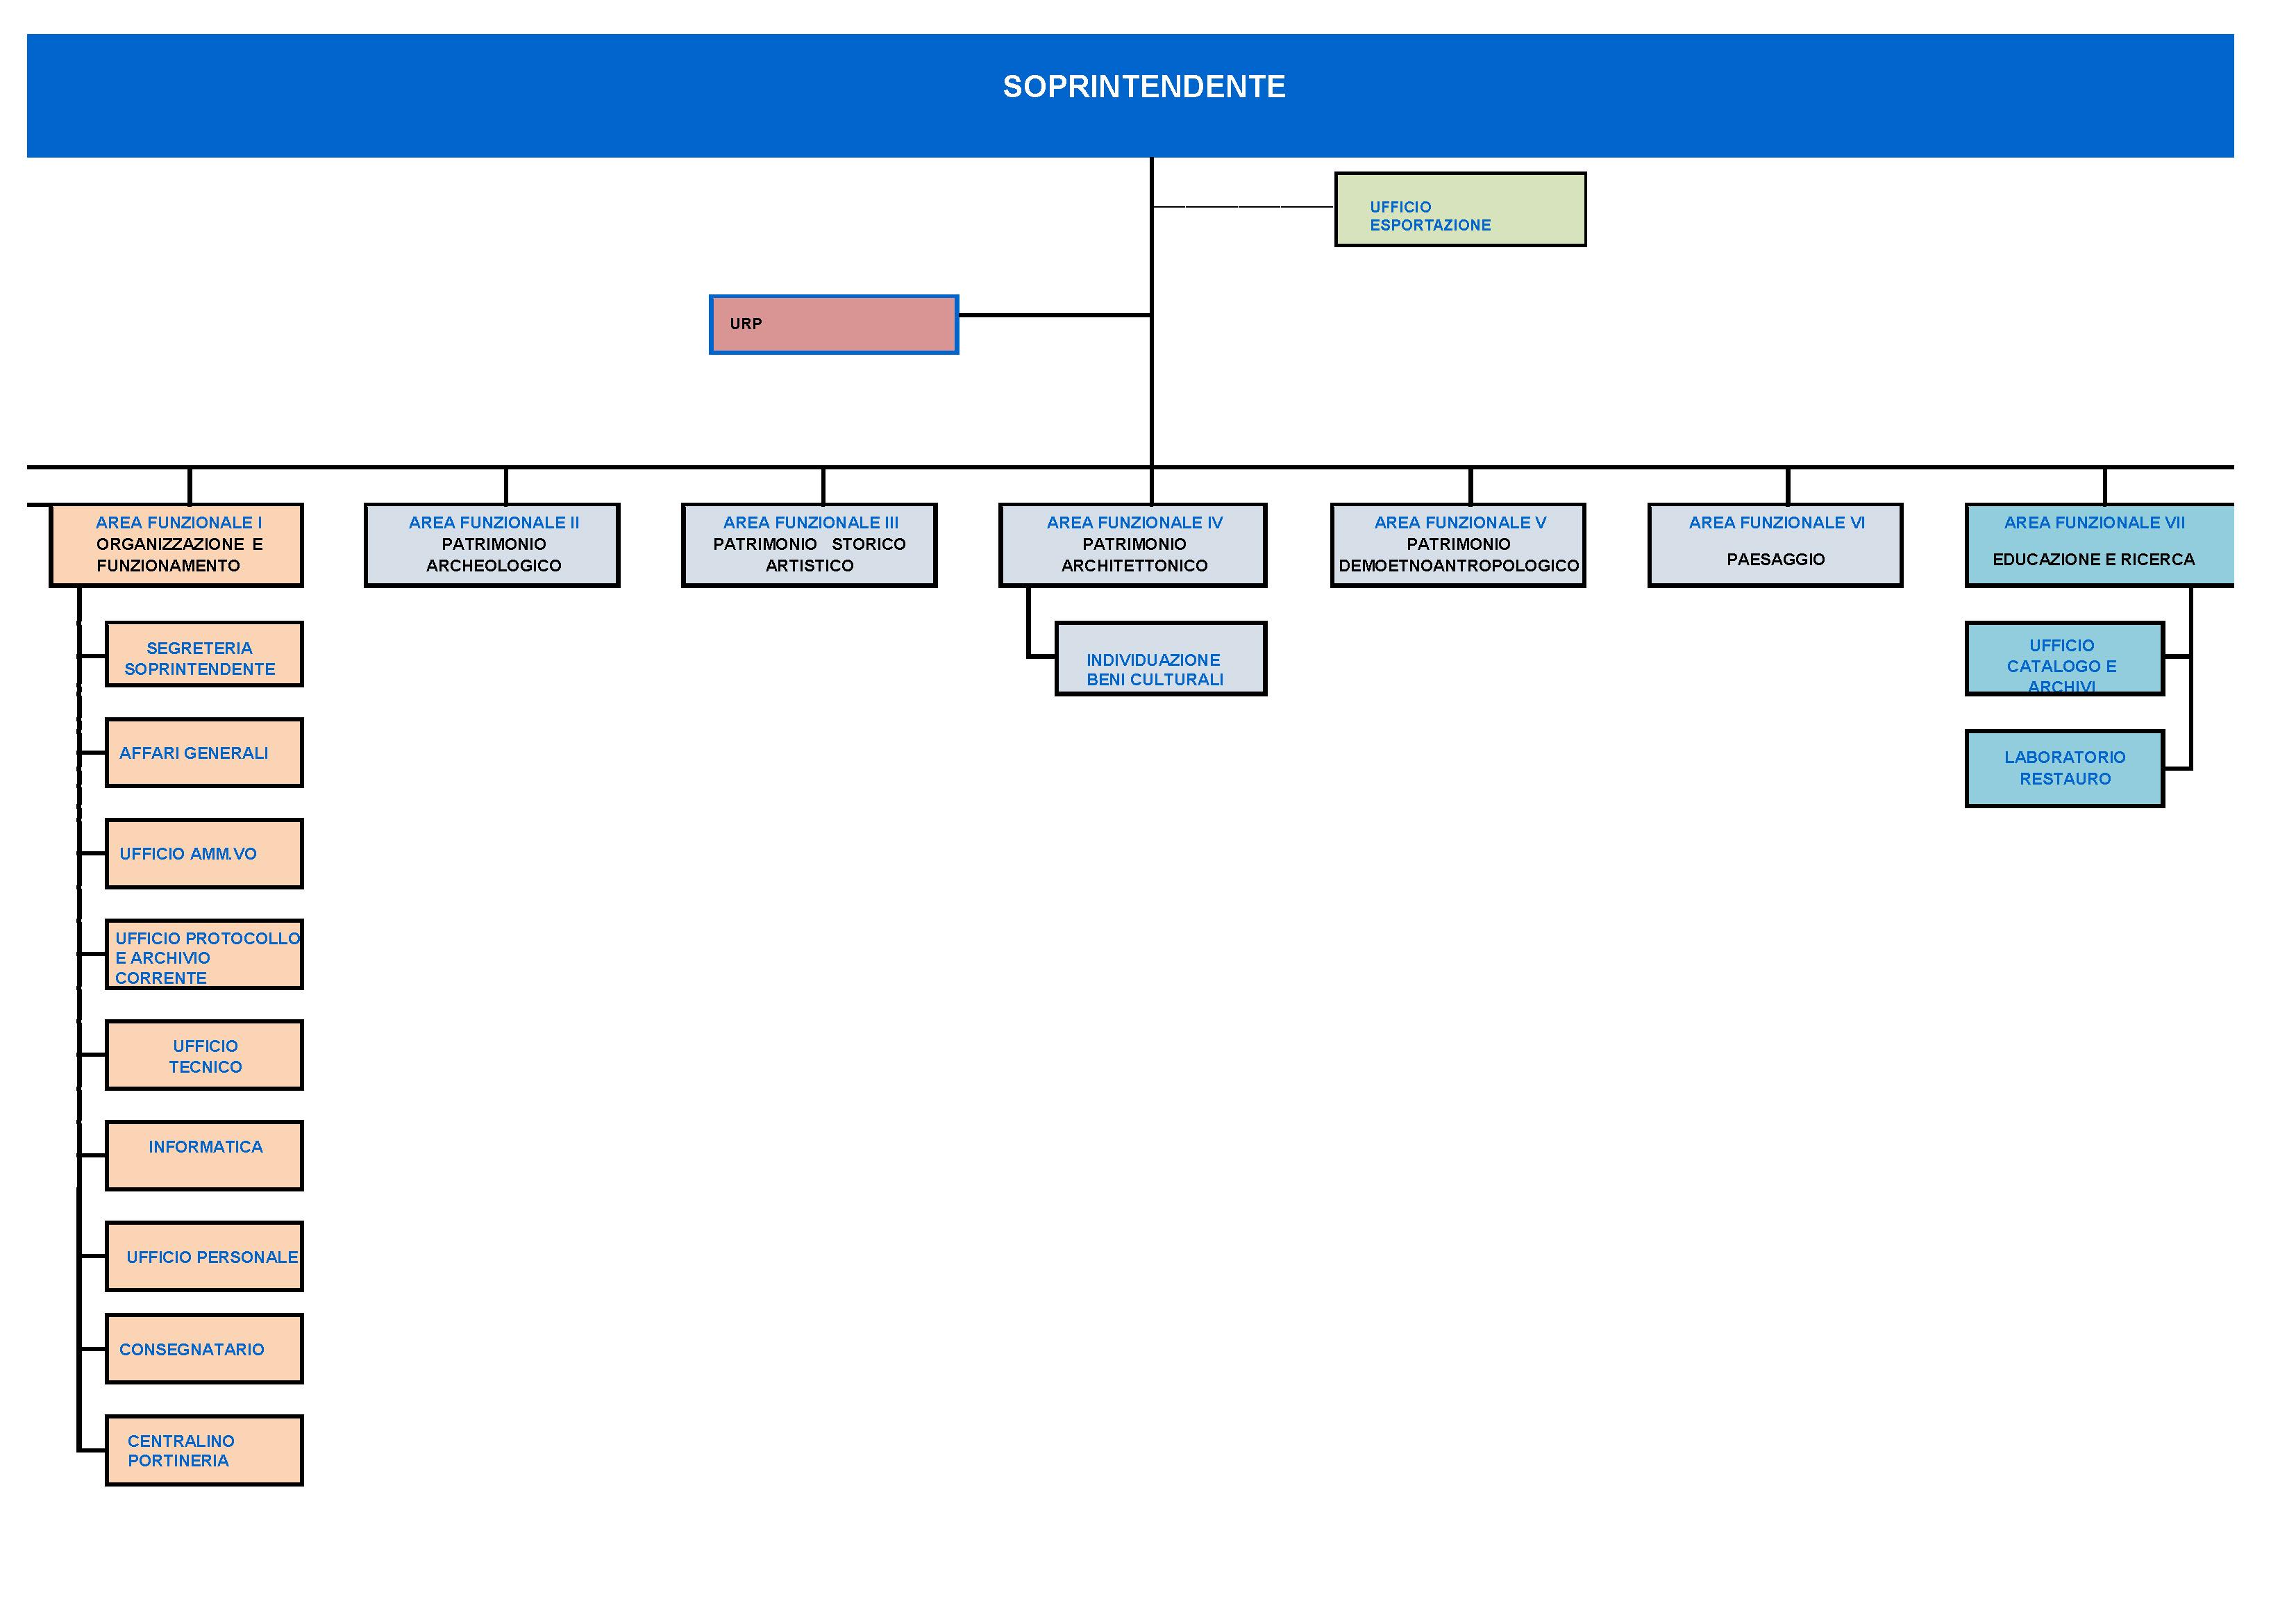 Organigramma grafico